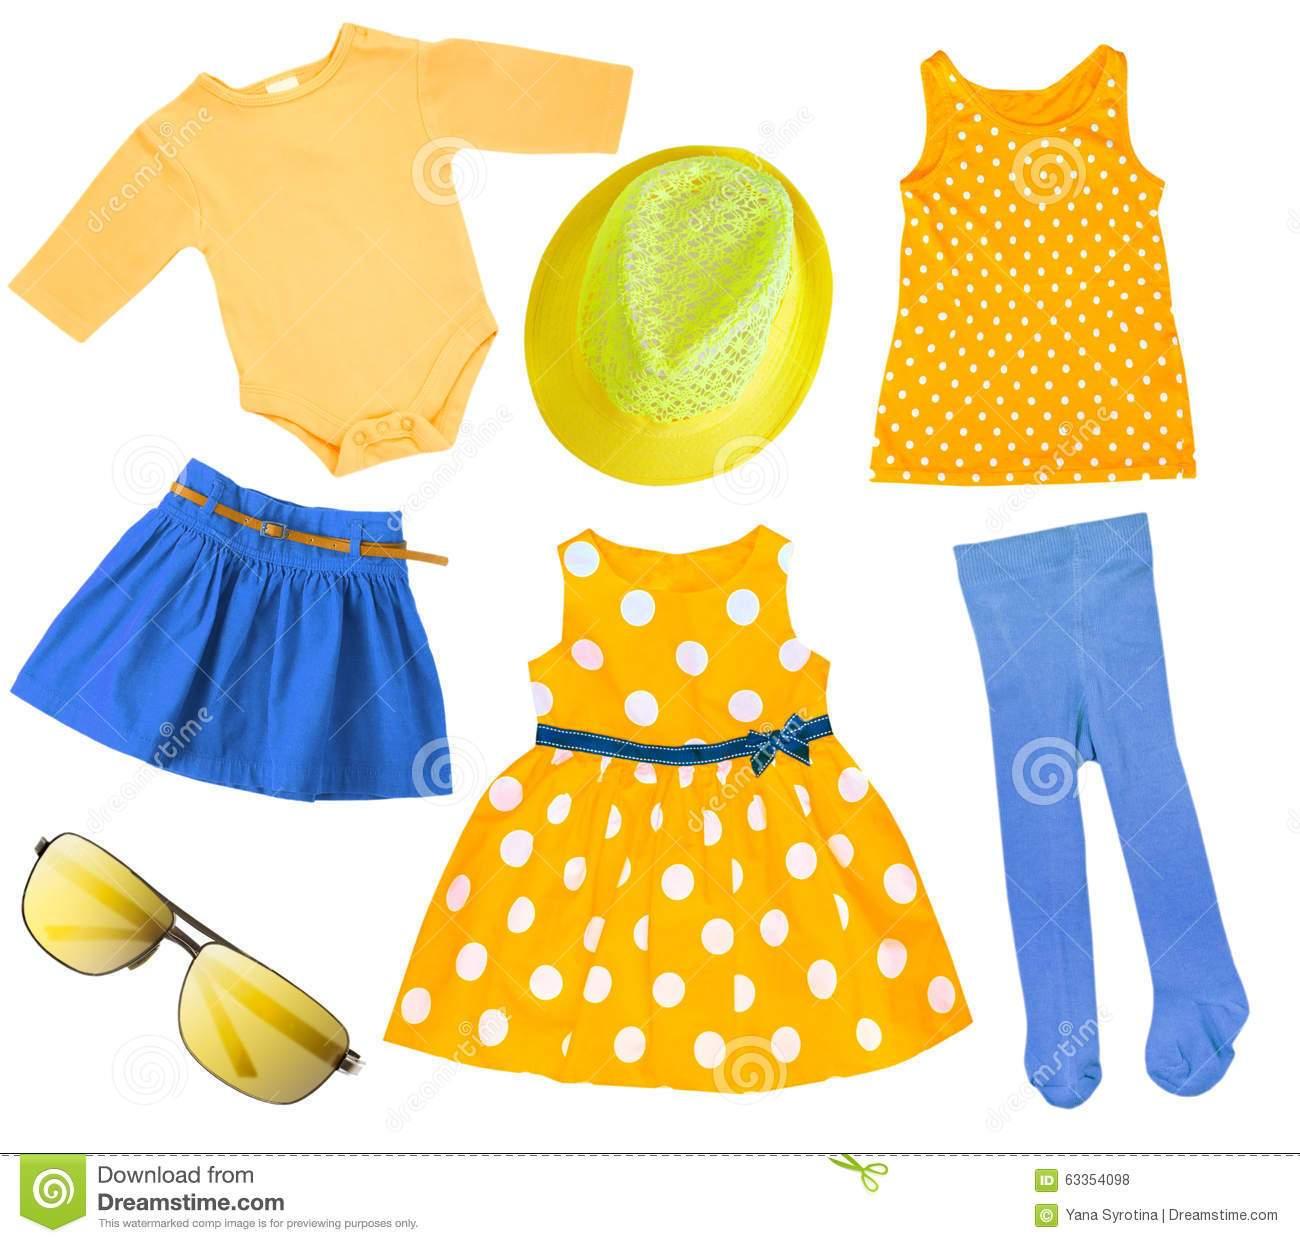 Spring season clothes clipart 8 » Clipart Portal.